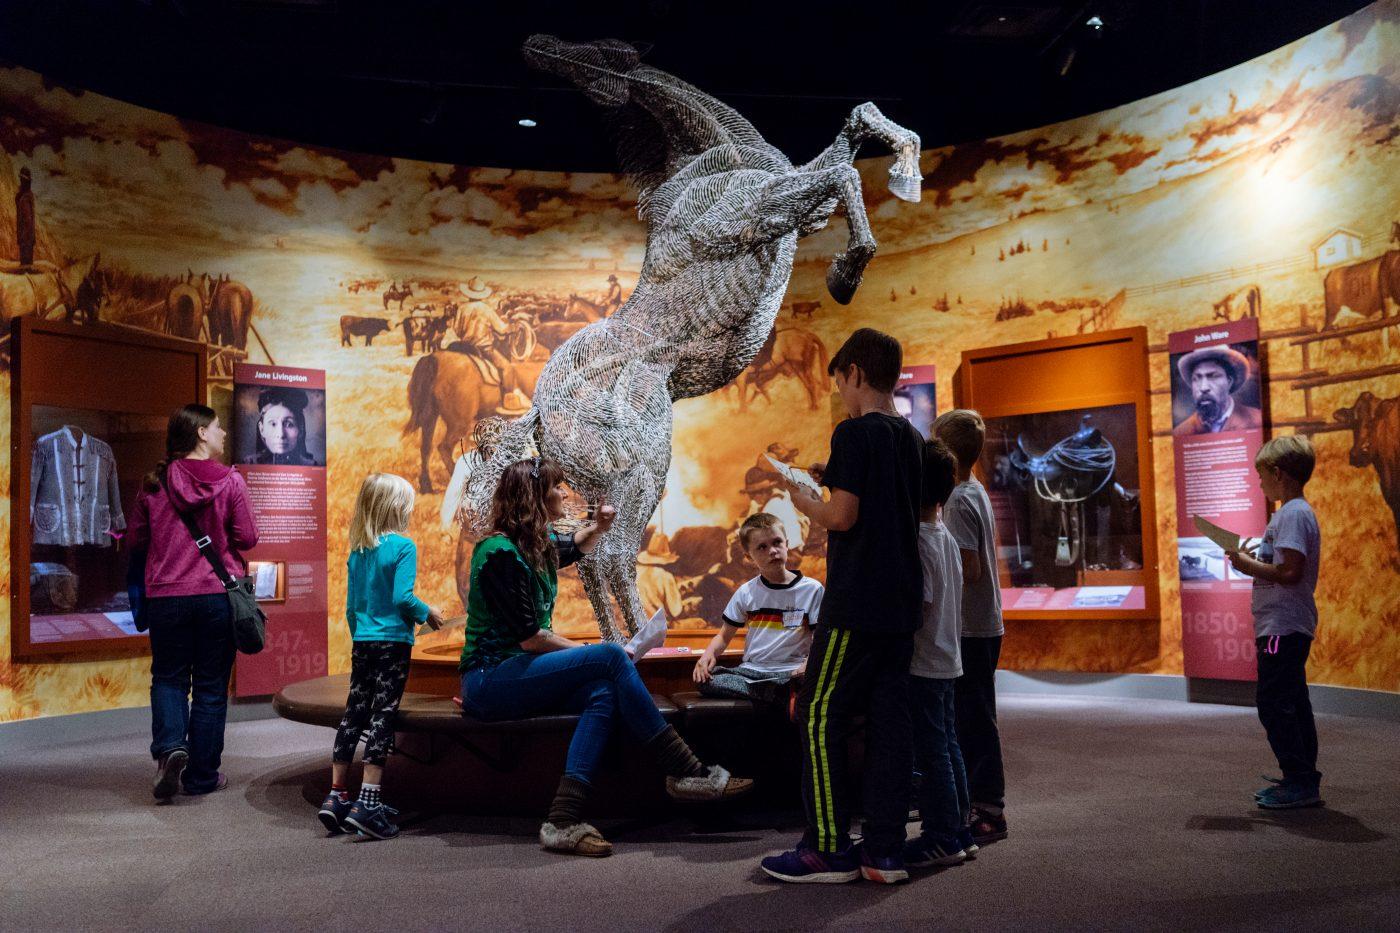 Woman and children gather around horse sculpture